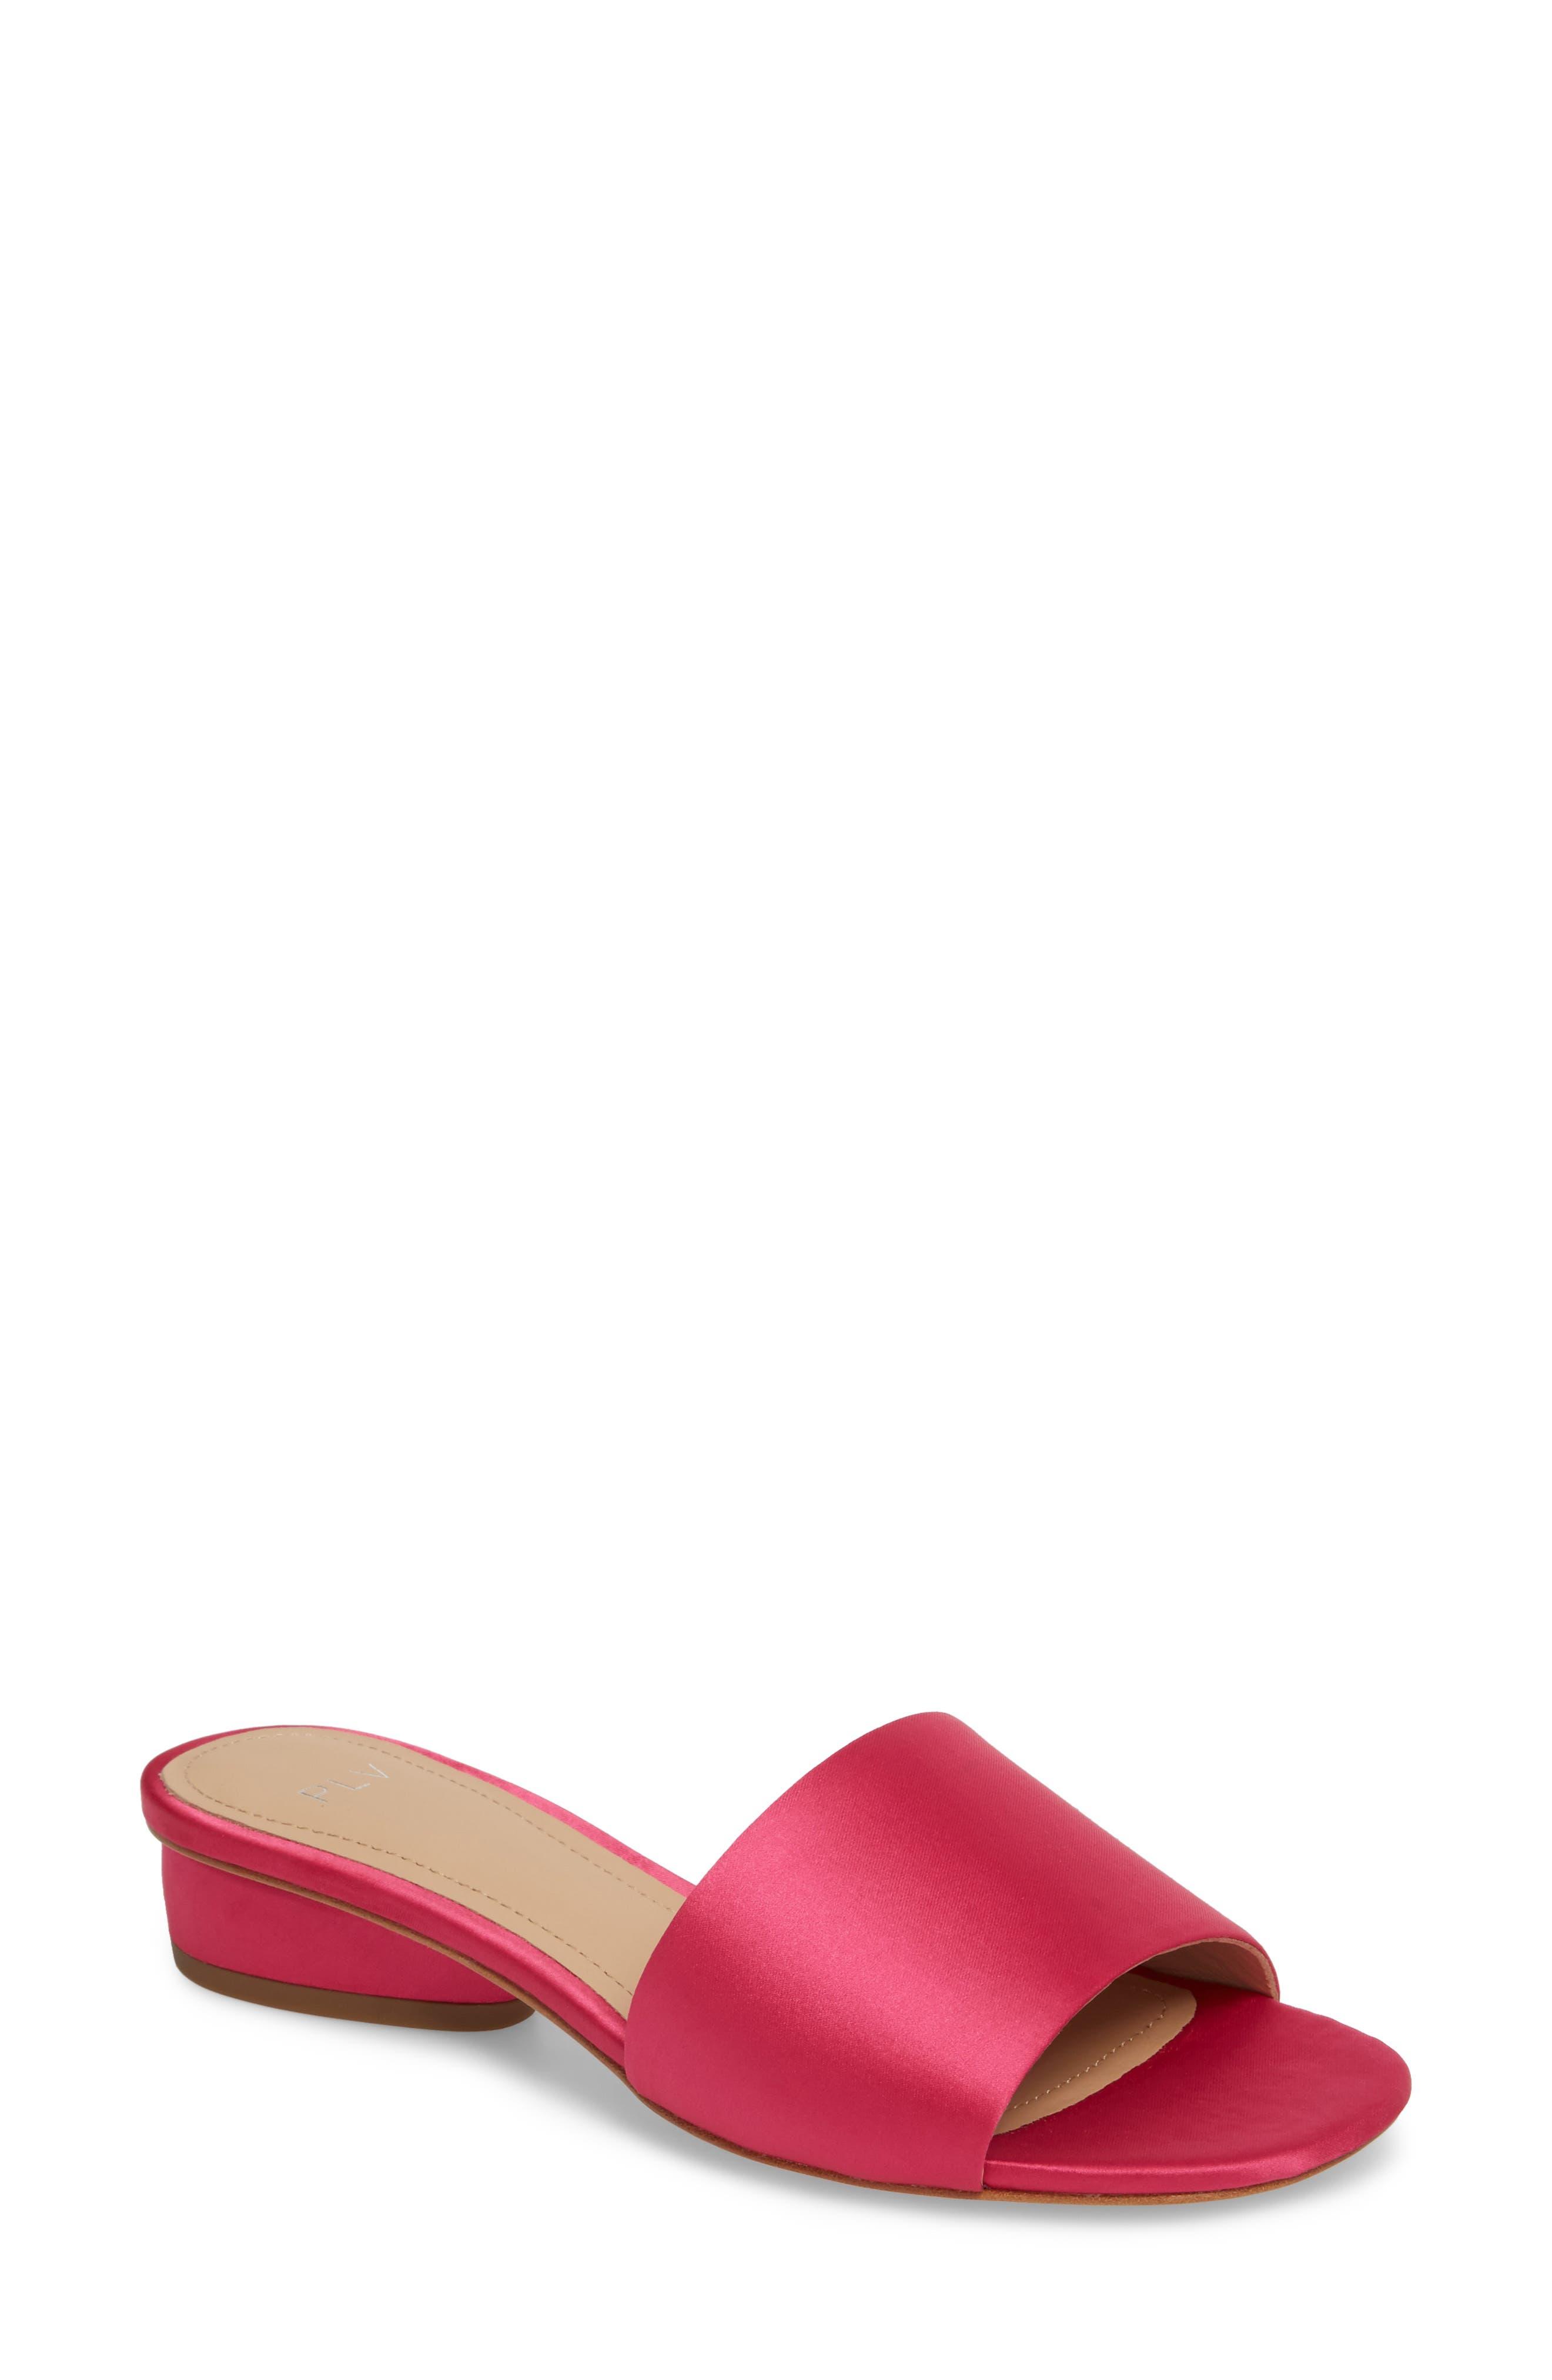 Mallory Slide Sandal,                             Main thumbnail 1, color,                             Azalea Satin